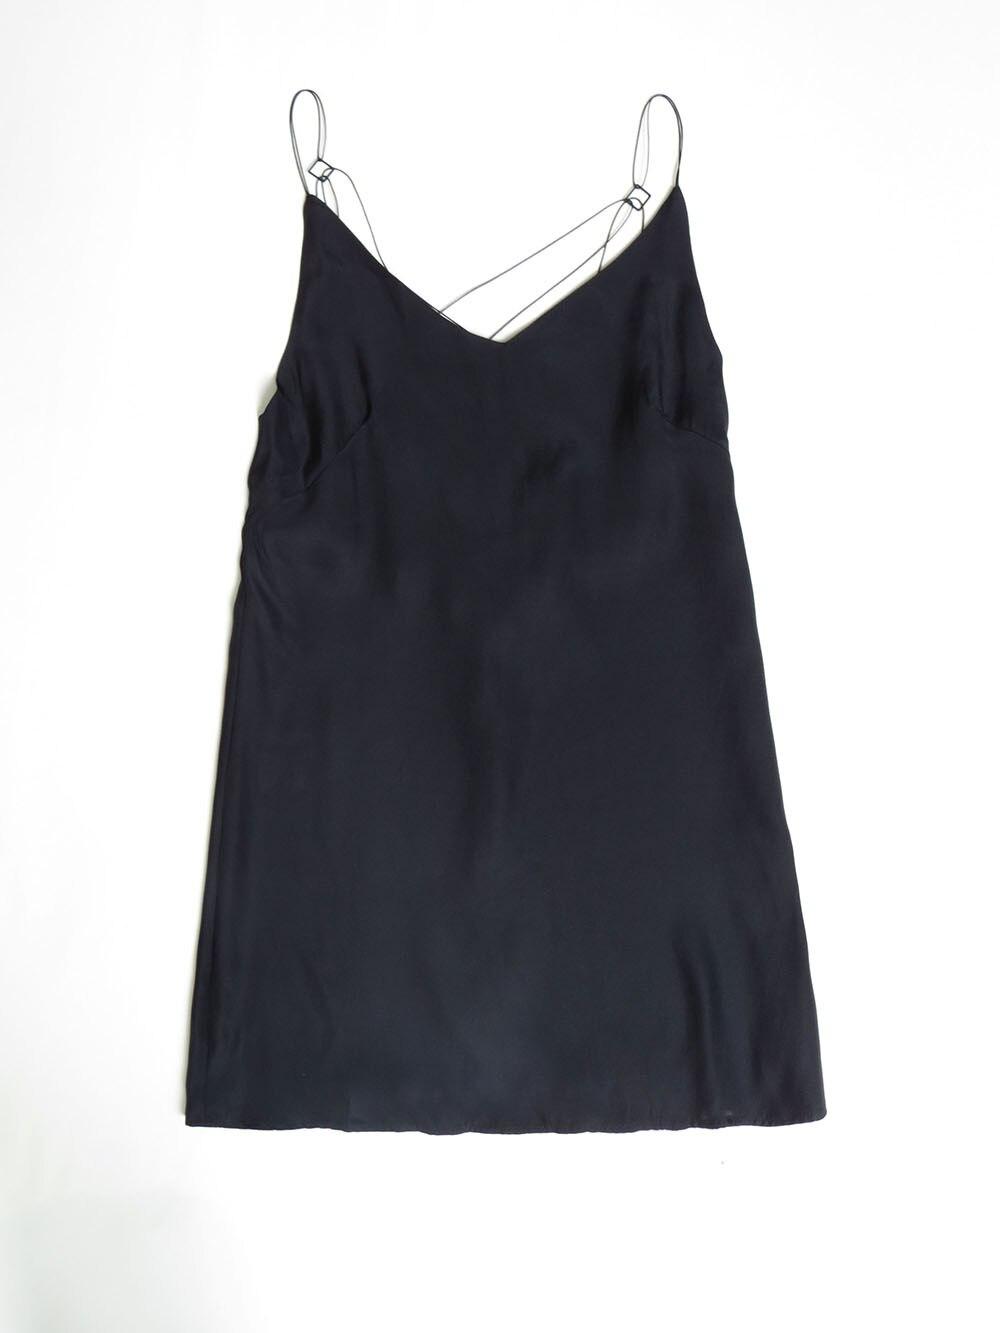 2017 Noir Qualité Piste Haute Sexy De Mini Printemps Strap Été Soie Couleur Dress Blanc 100 Spaghetti OnZRE6Z